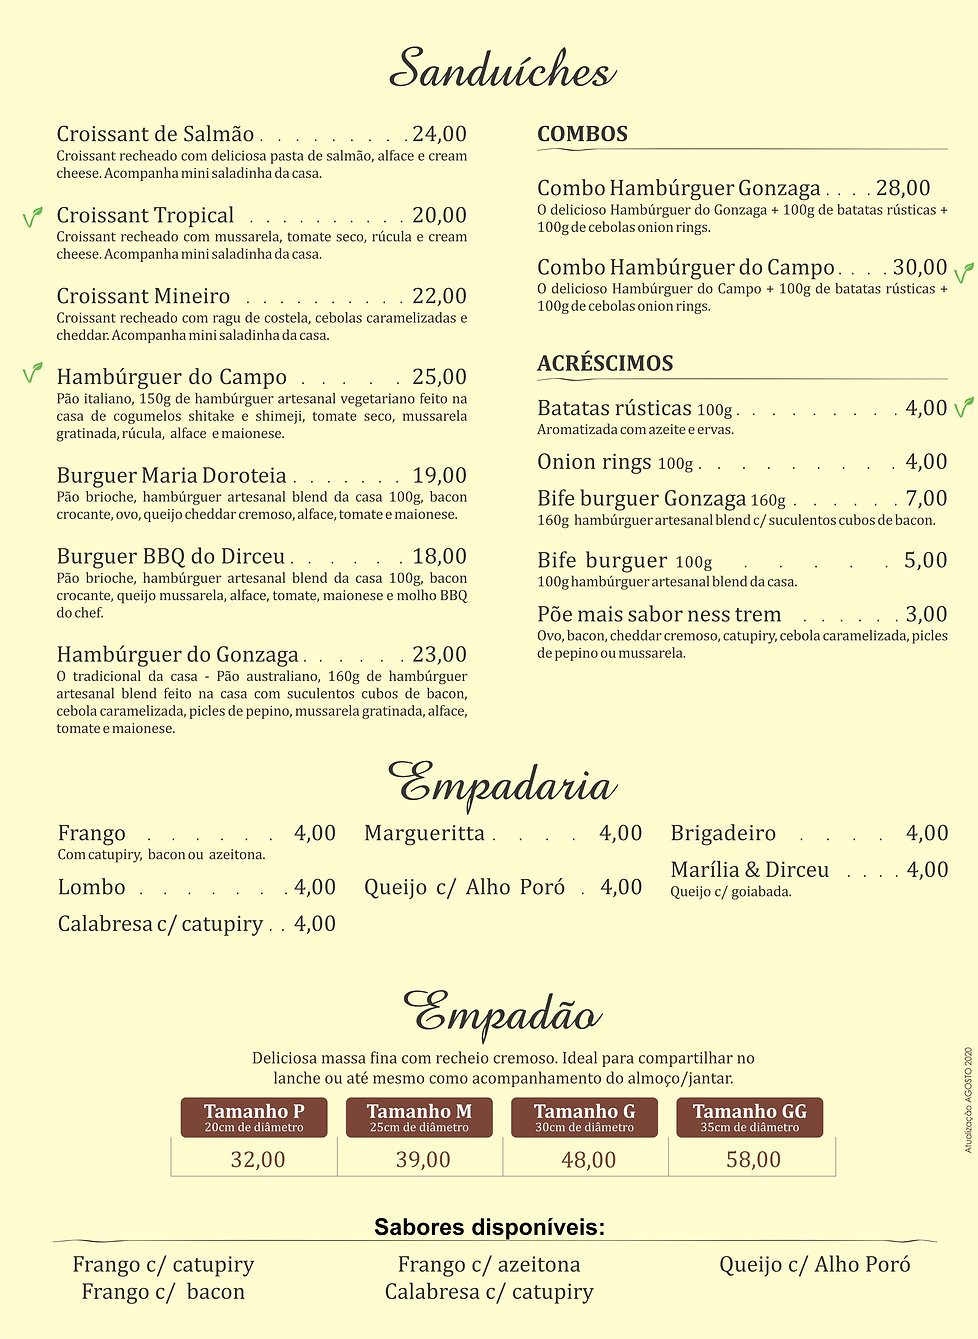 cardapio delivery site AGOSTO 2020 1.jpg